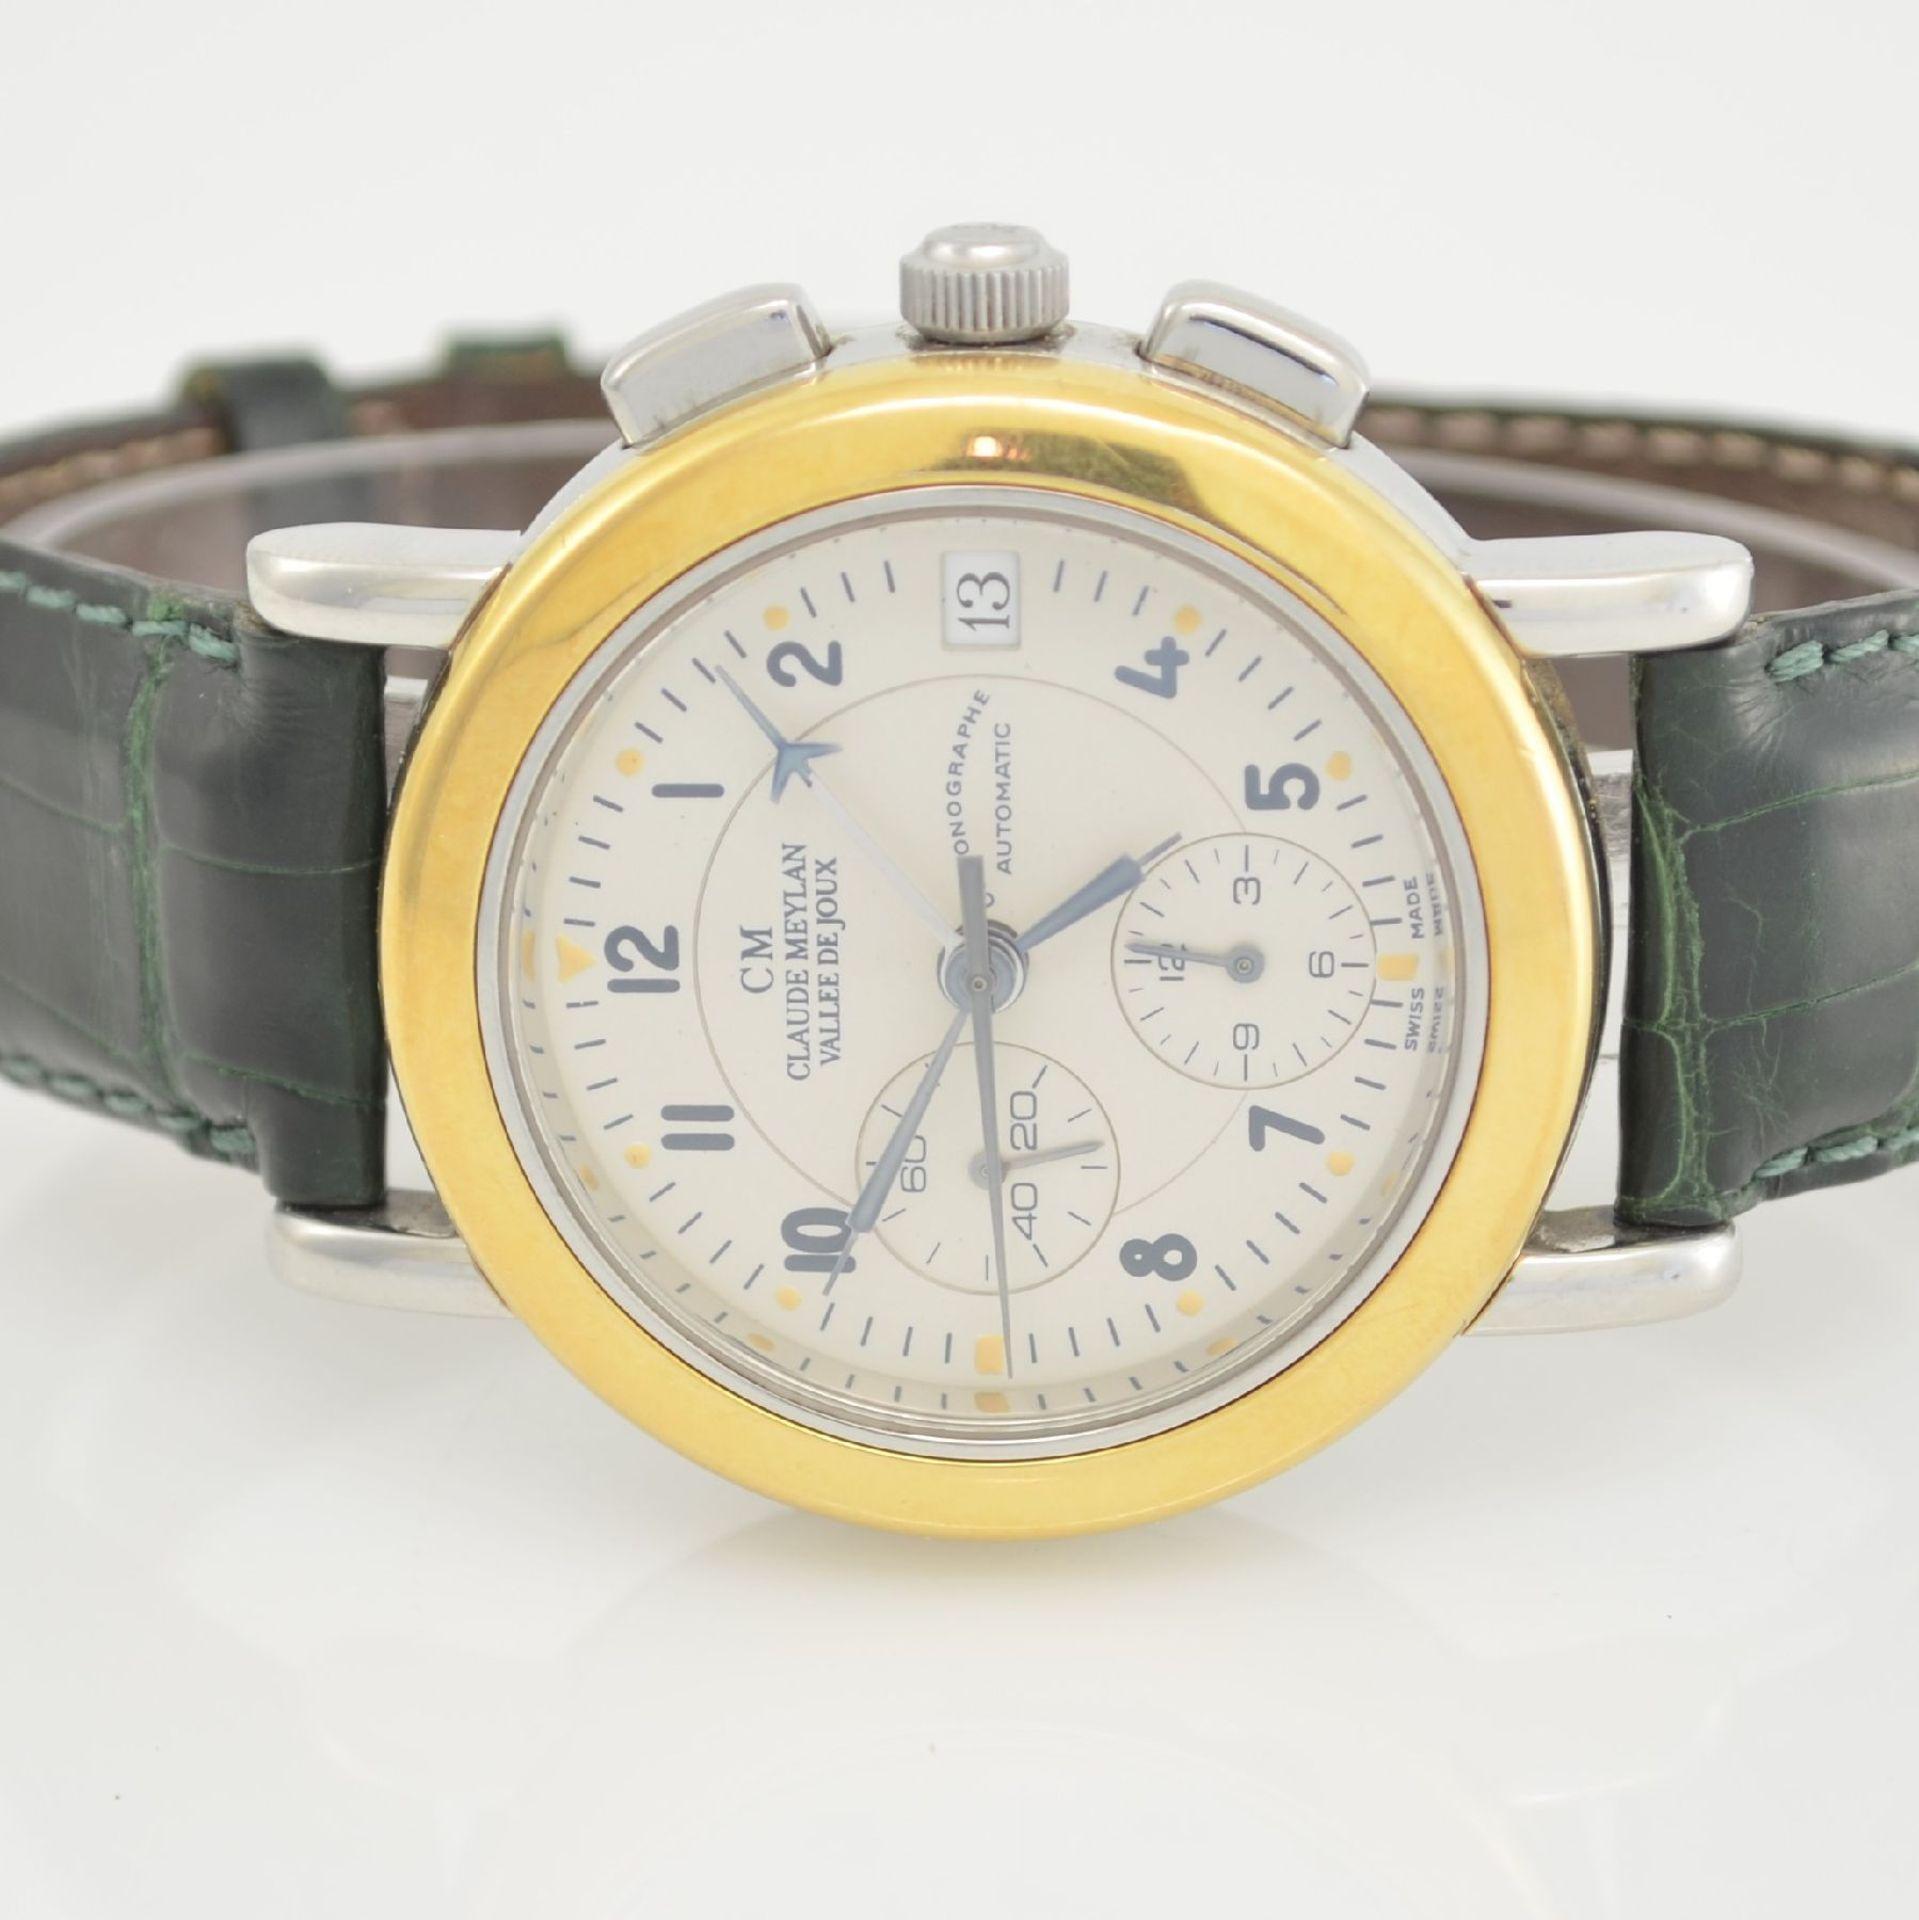 CLAUDE MEYLAN Herrenarmbanduhr mit Chronograph, Schweiz um 1995, Edelstahl/Gold kombiniert, beids. - Bild 2 aus 6